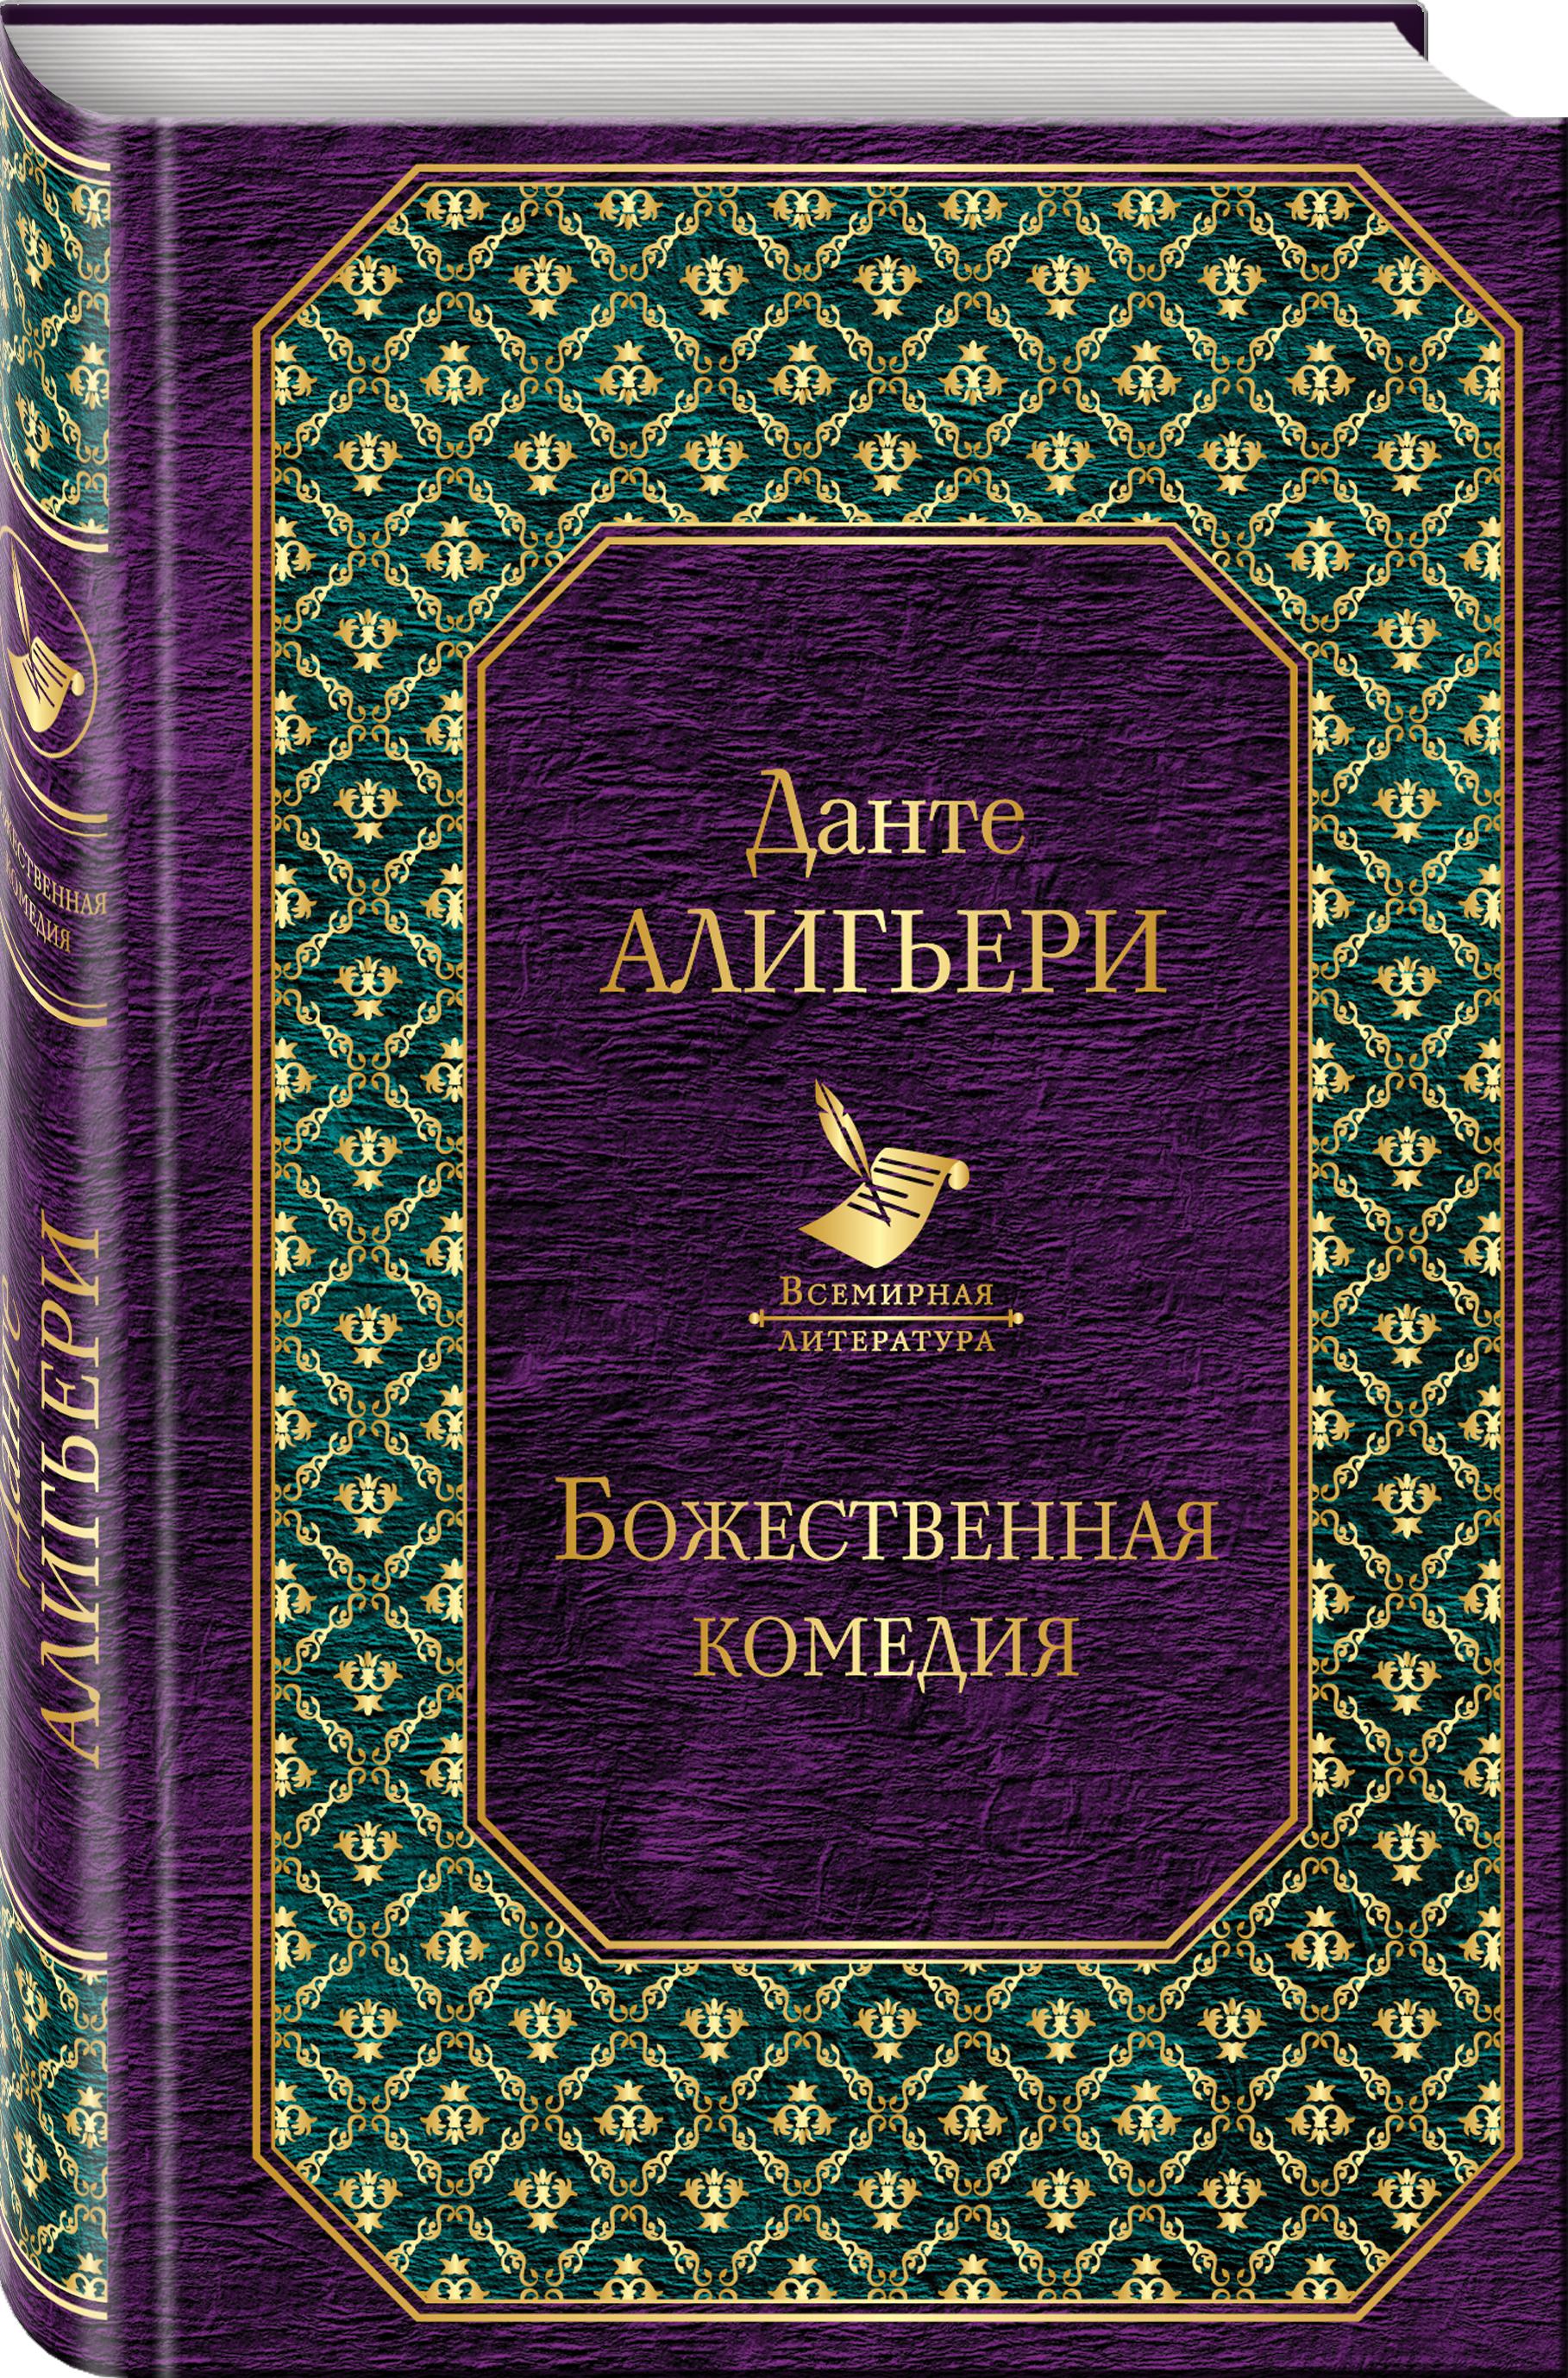 Божественная комедия от book24.ru